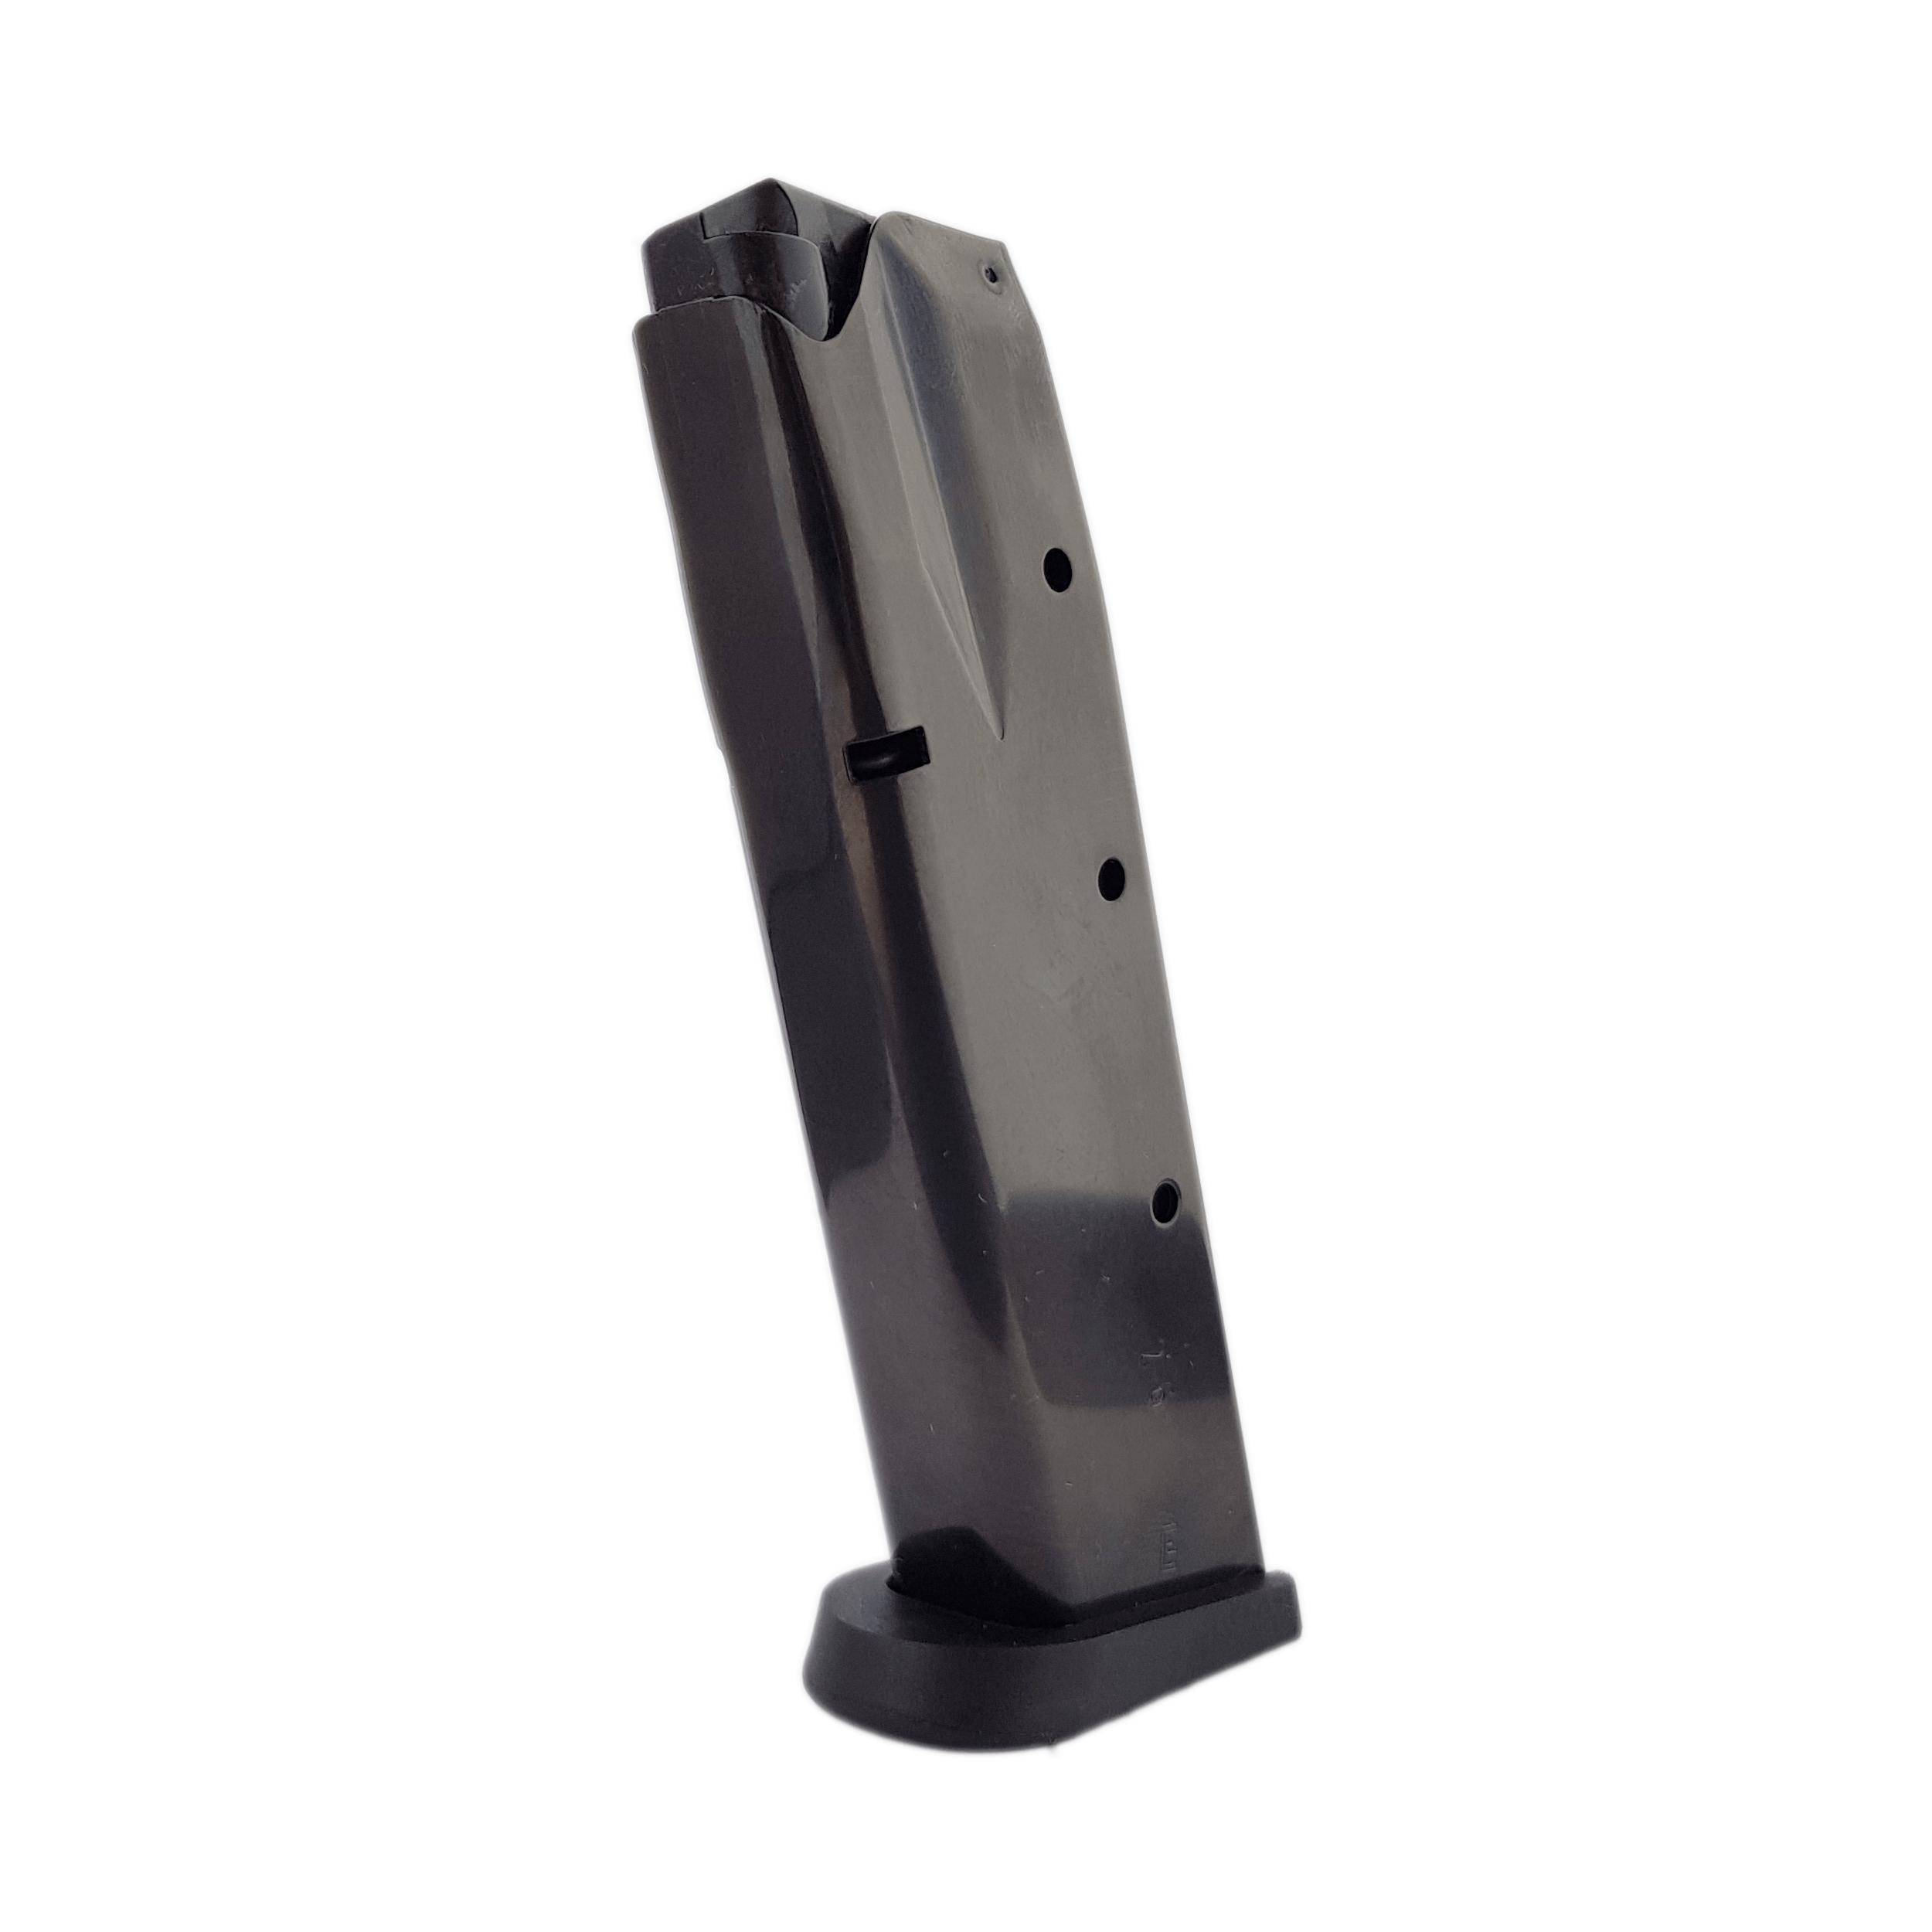 Jericho, Tanfoglio, CZ Steel 9X19 16 rounds Magazine (polymer bottom)